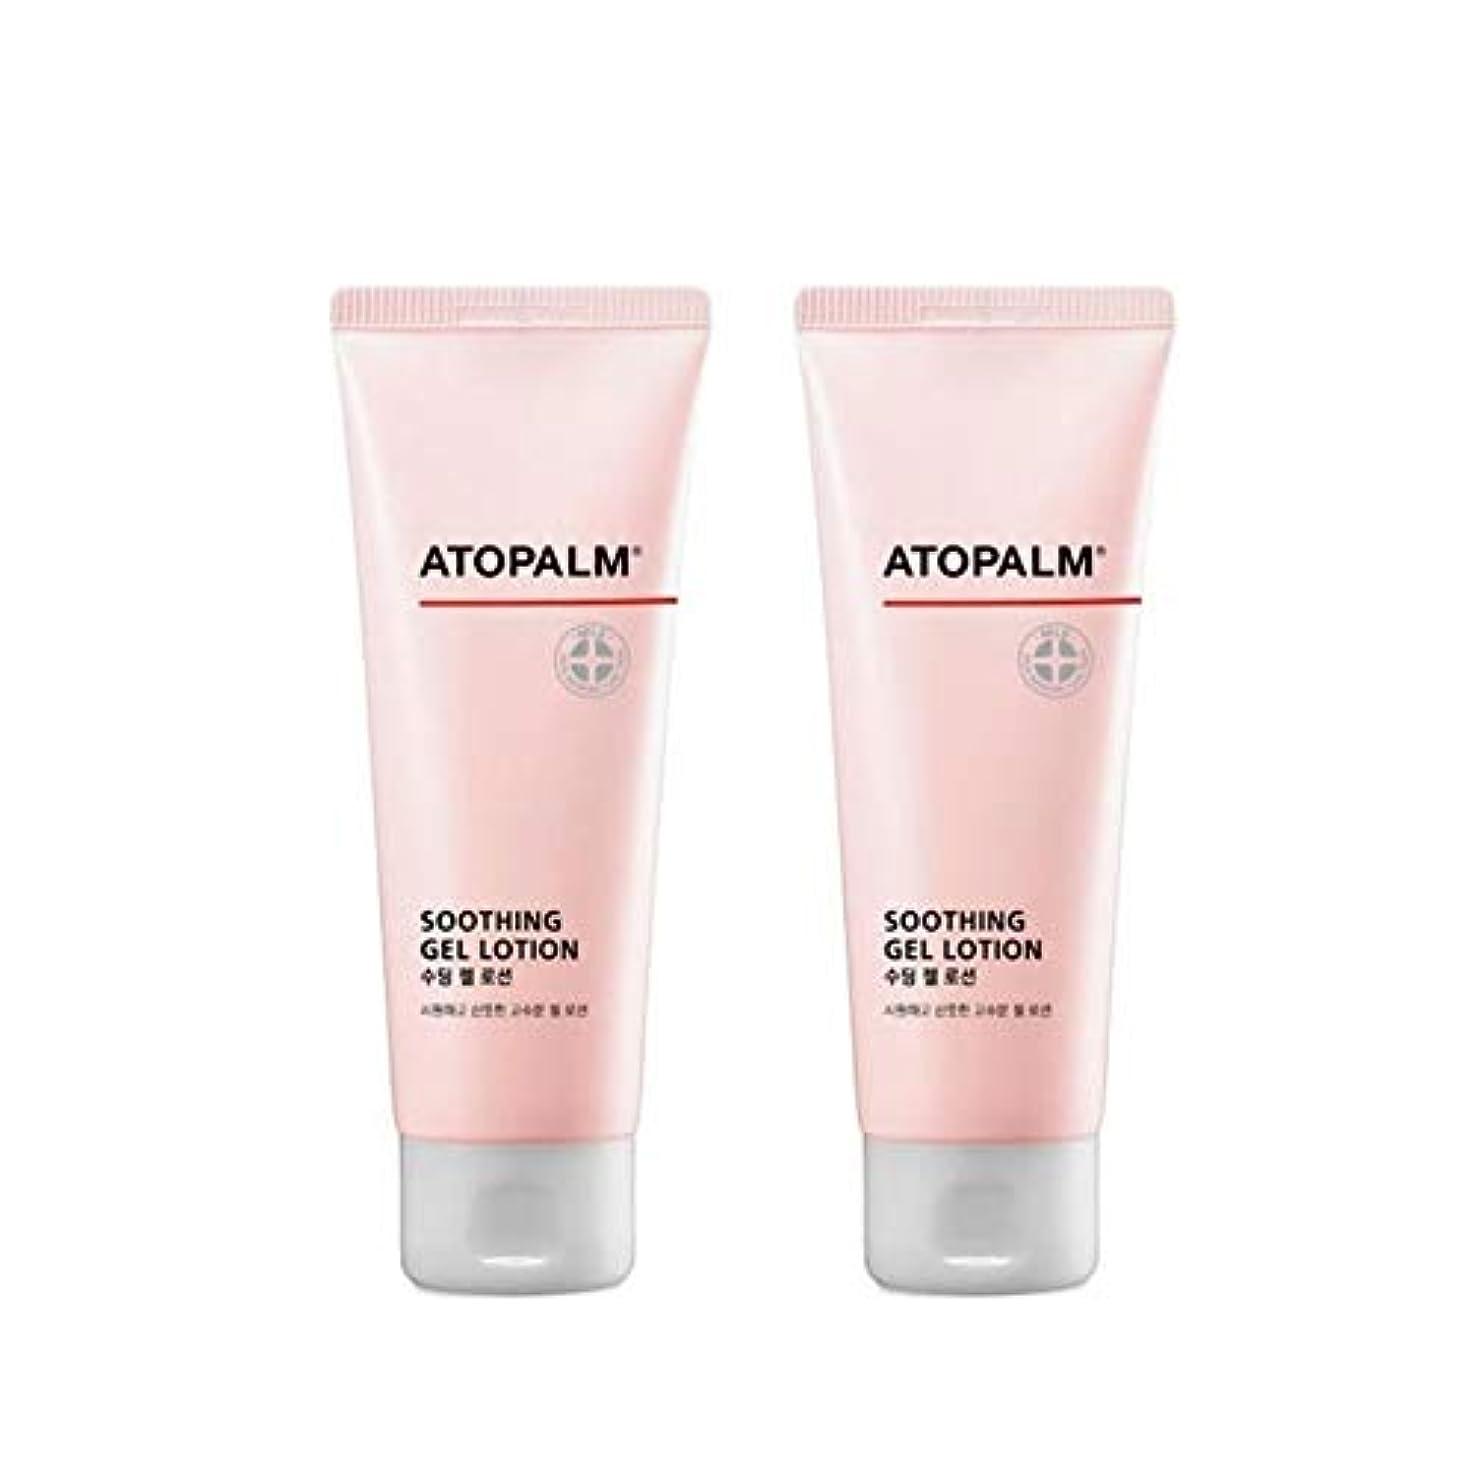 商業の申込み非アクティブアトパムスディンジェルローション120mlx2本セットベビーローション韓国コスメ、Atopalm Soothing Gel Lotion 120ml x 2ea Set Baby Lotion Korean Cosmetics...